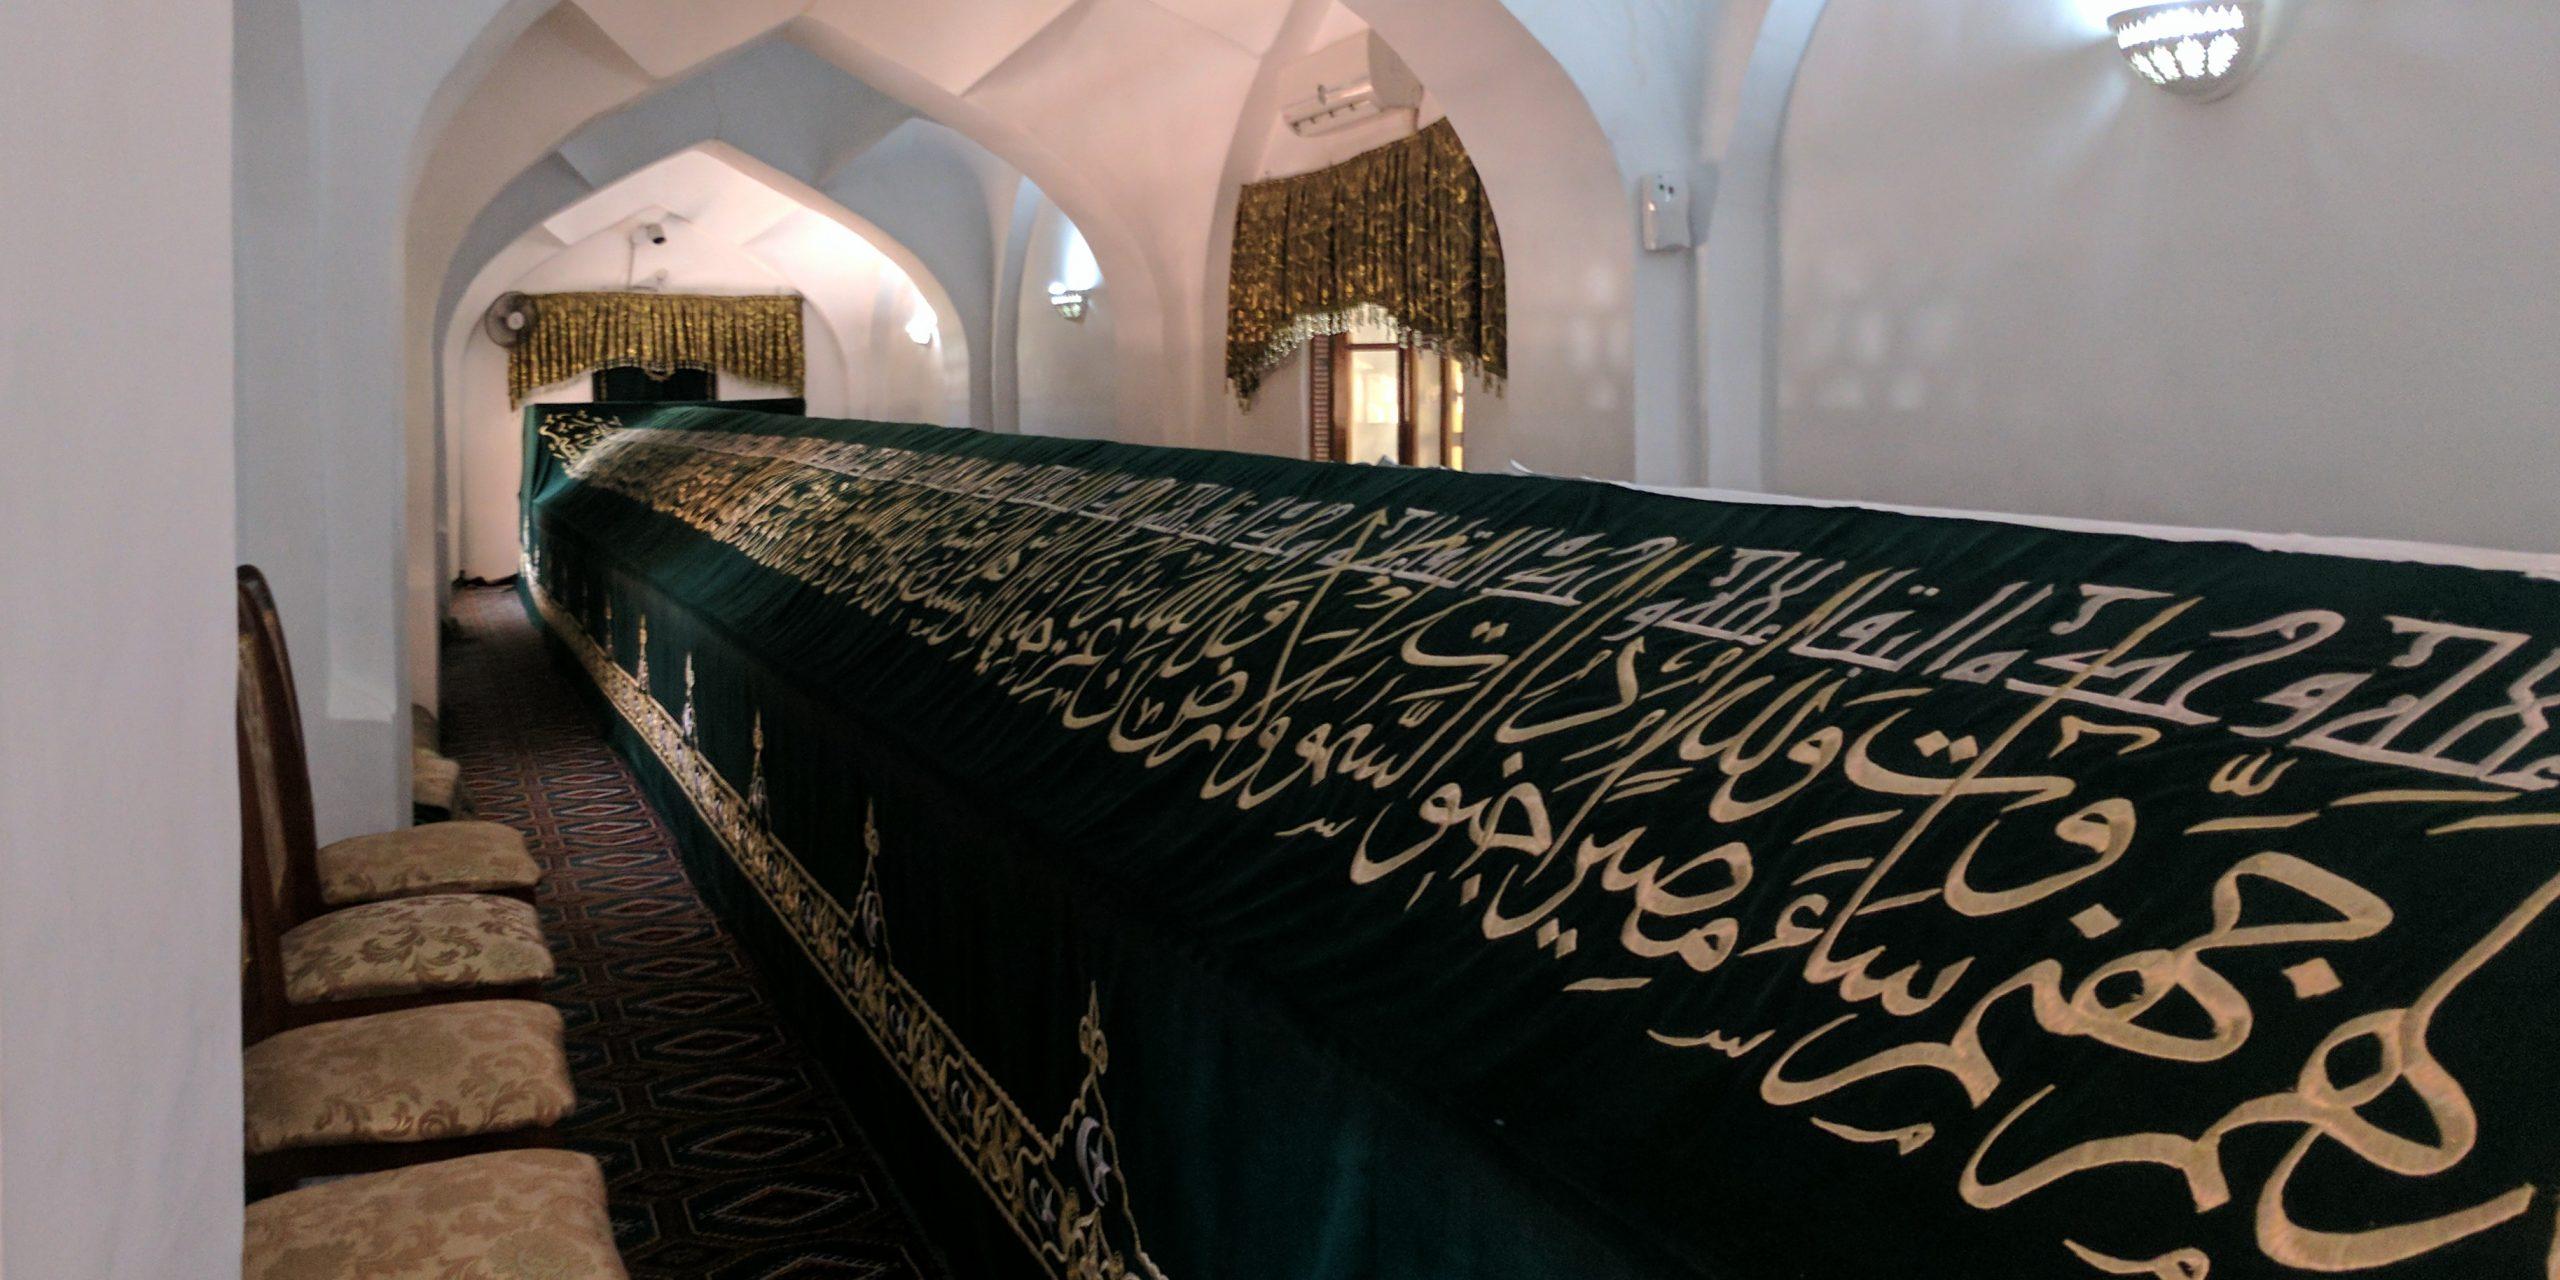 Prophet Daniel's Mausoleum in Samarkand, Uzbekistan